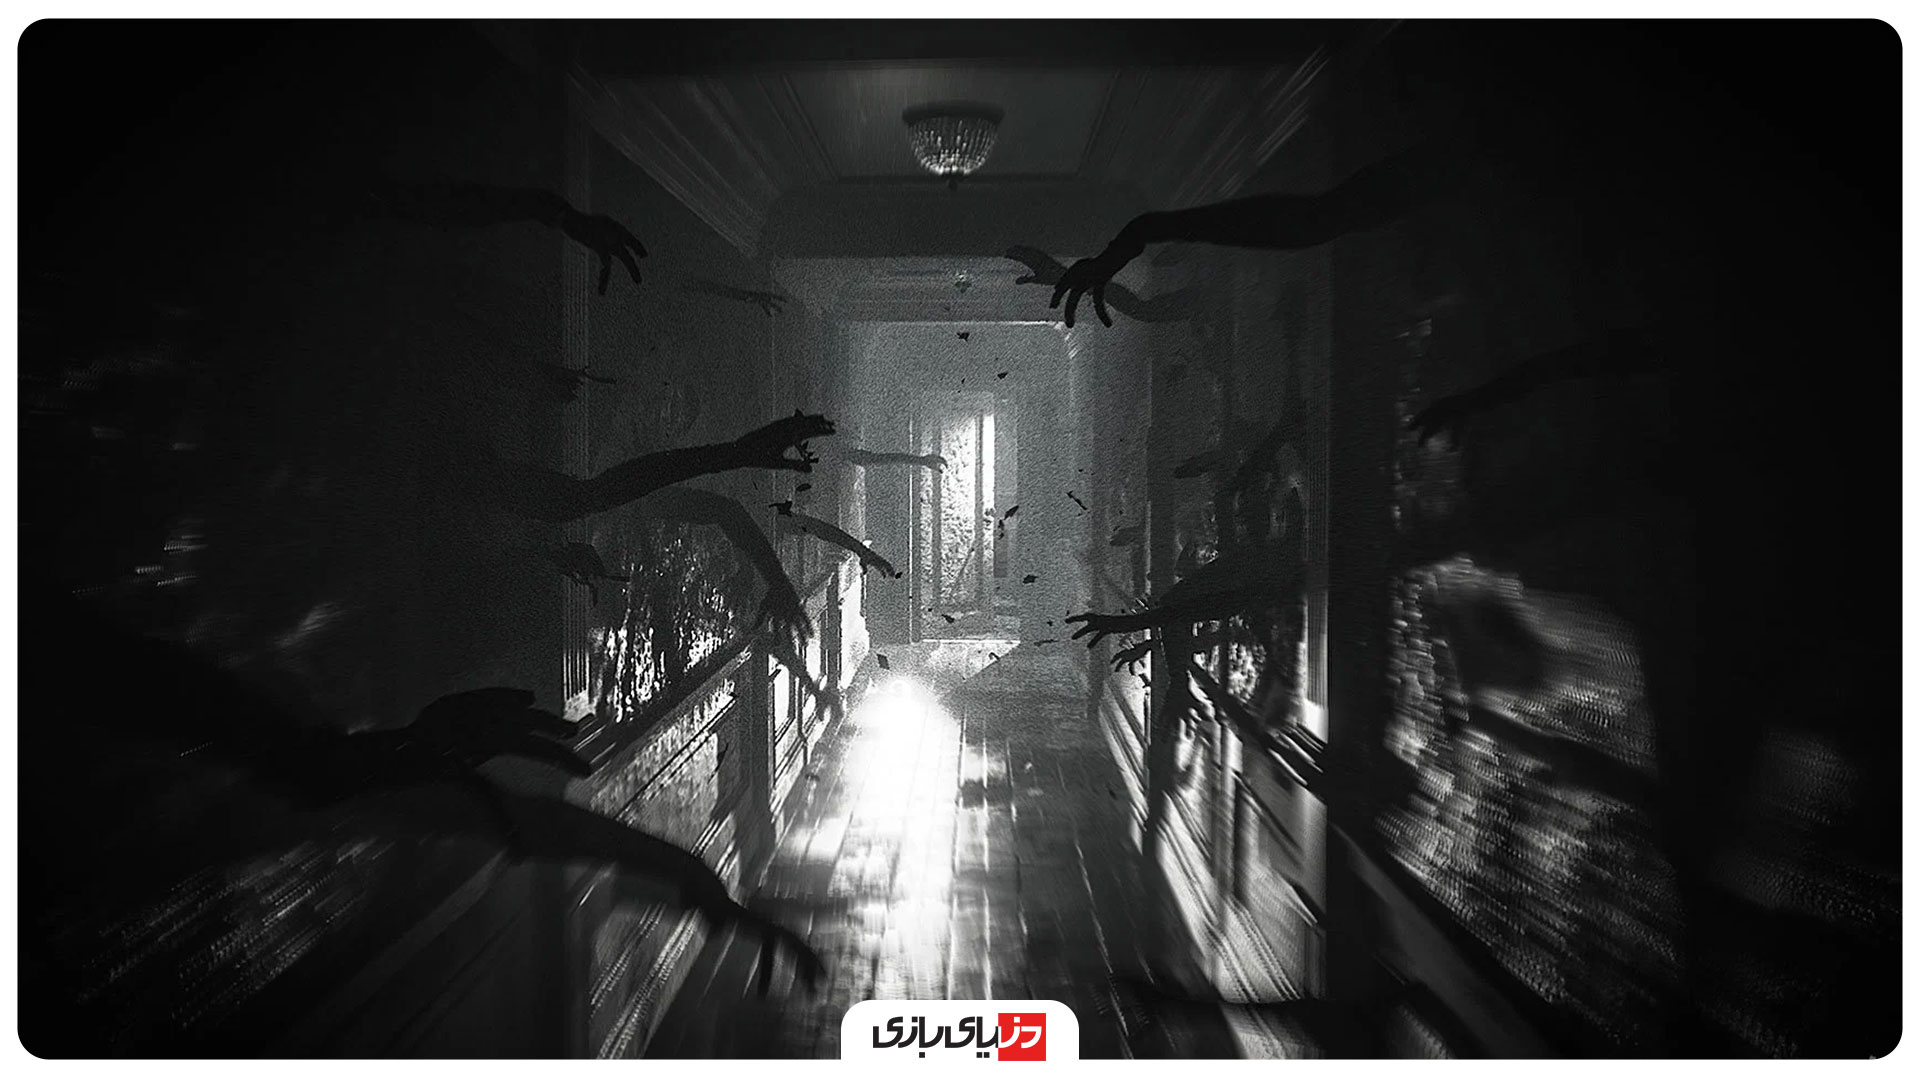 بازی ترسناک برای پلی استیشن 4